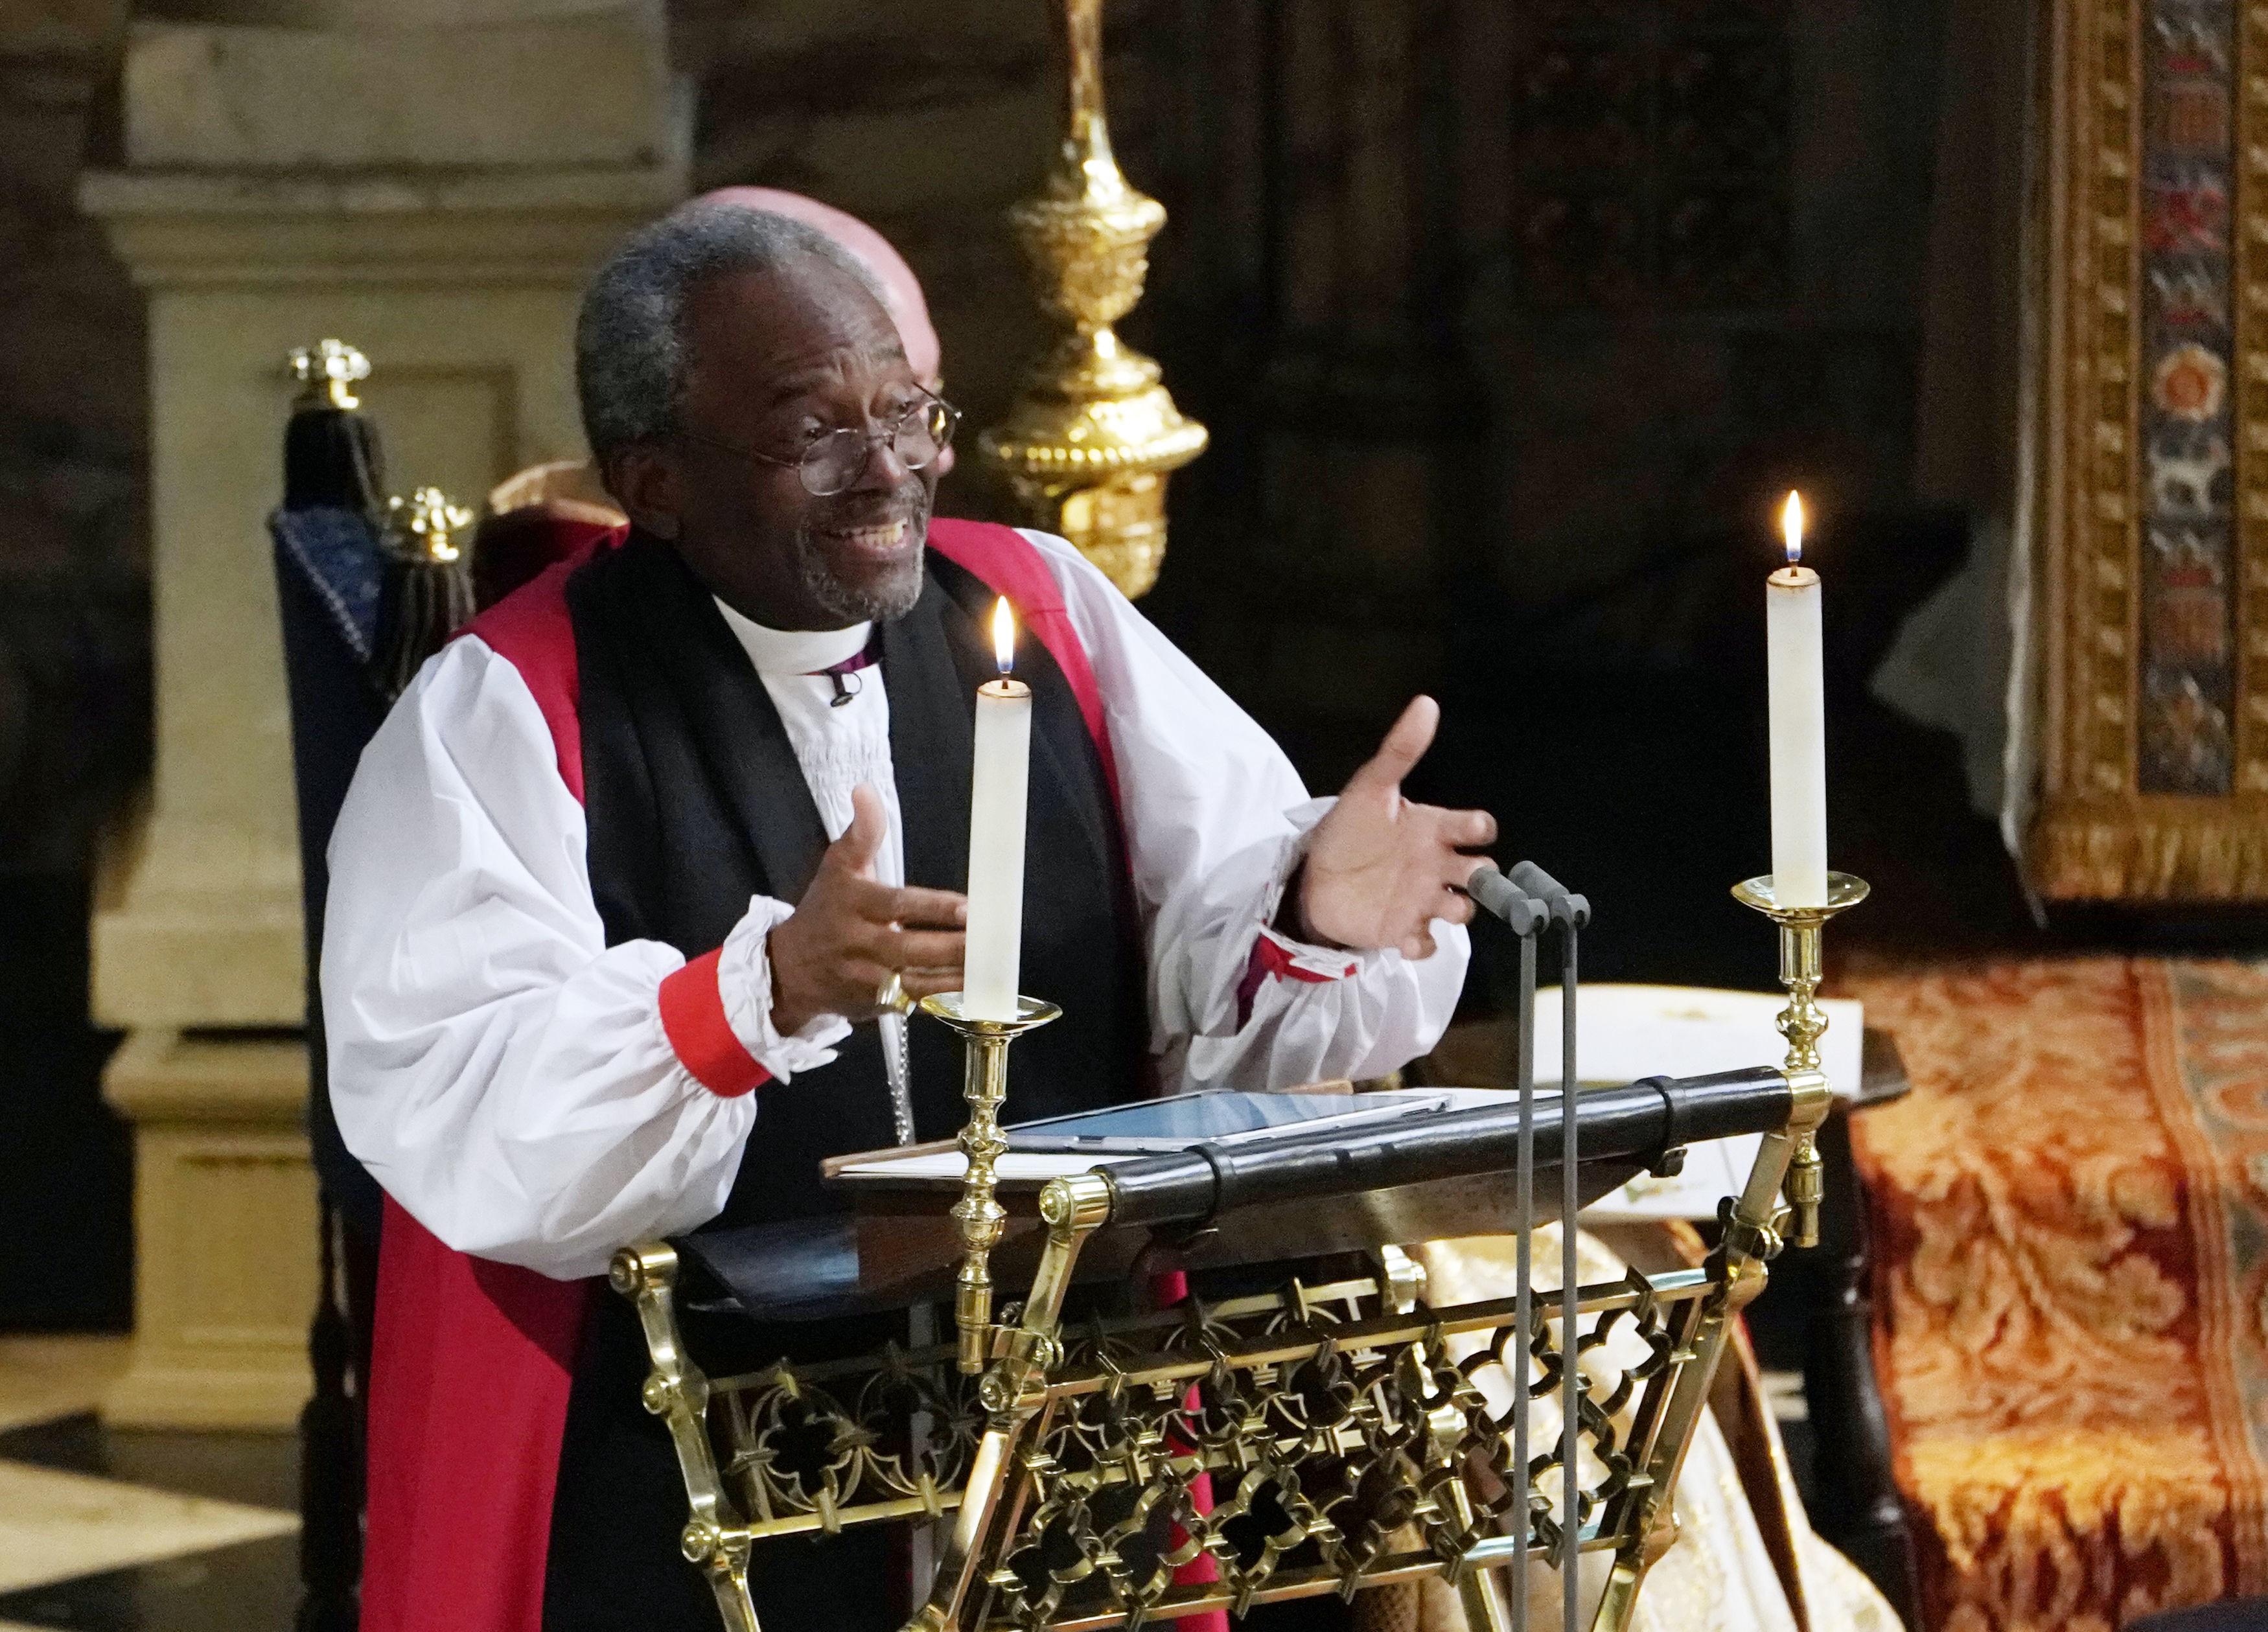 uno-de-los-obispos-que-oficio-la-ceremonia